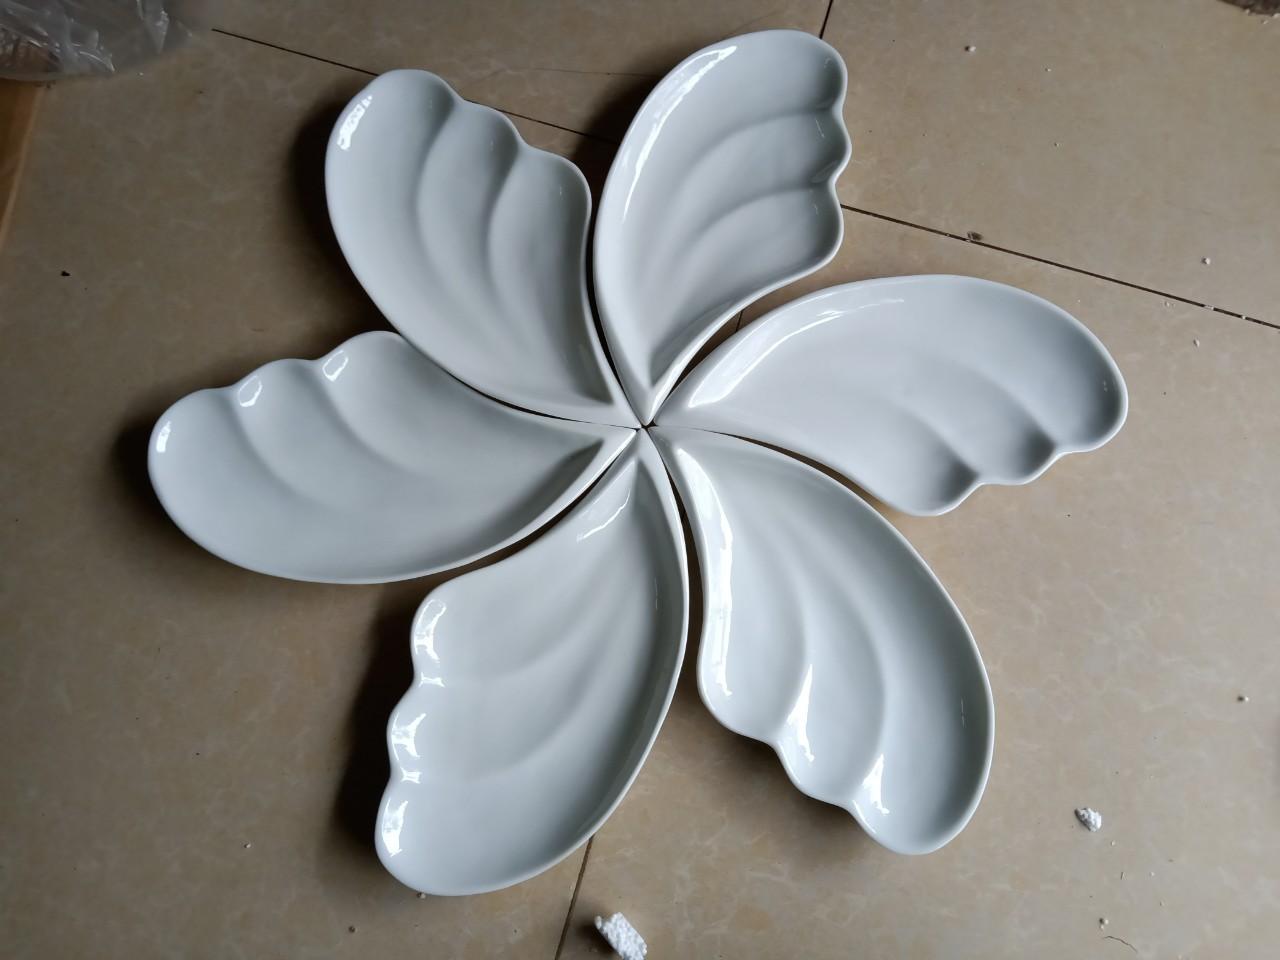 Bộ đĩa lá men trắng cánh tiên 06 chiếc Bát Tràng